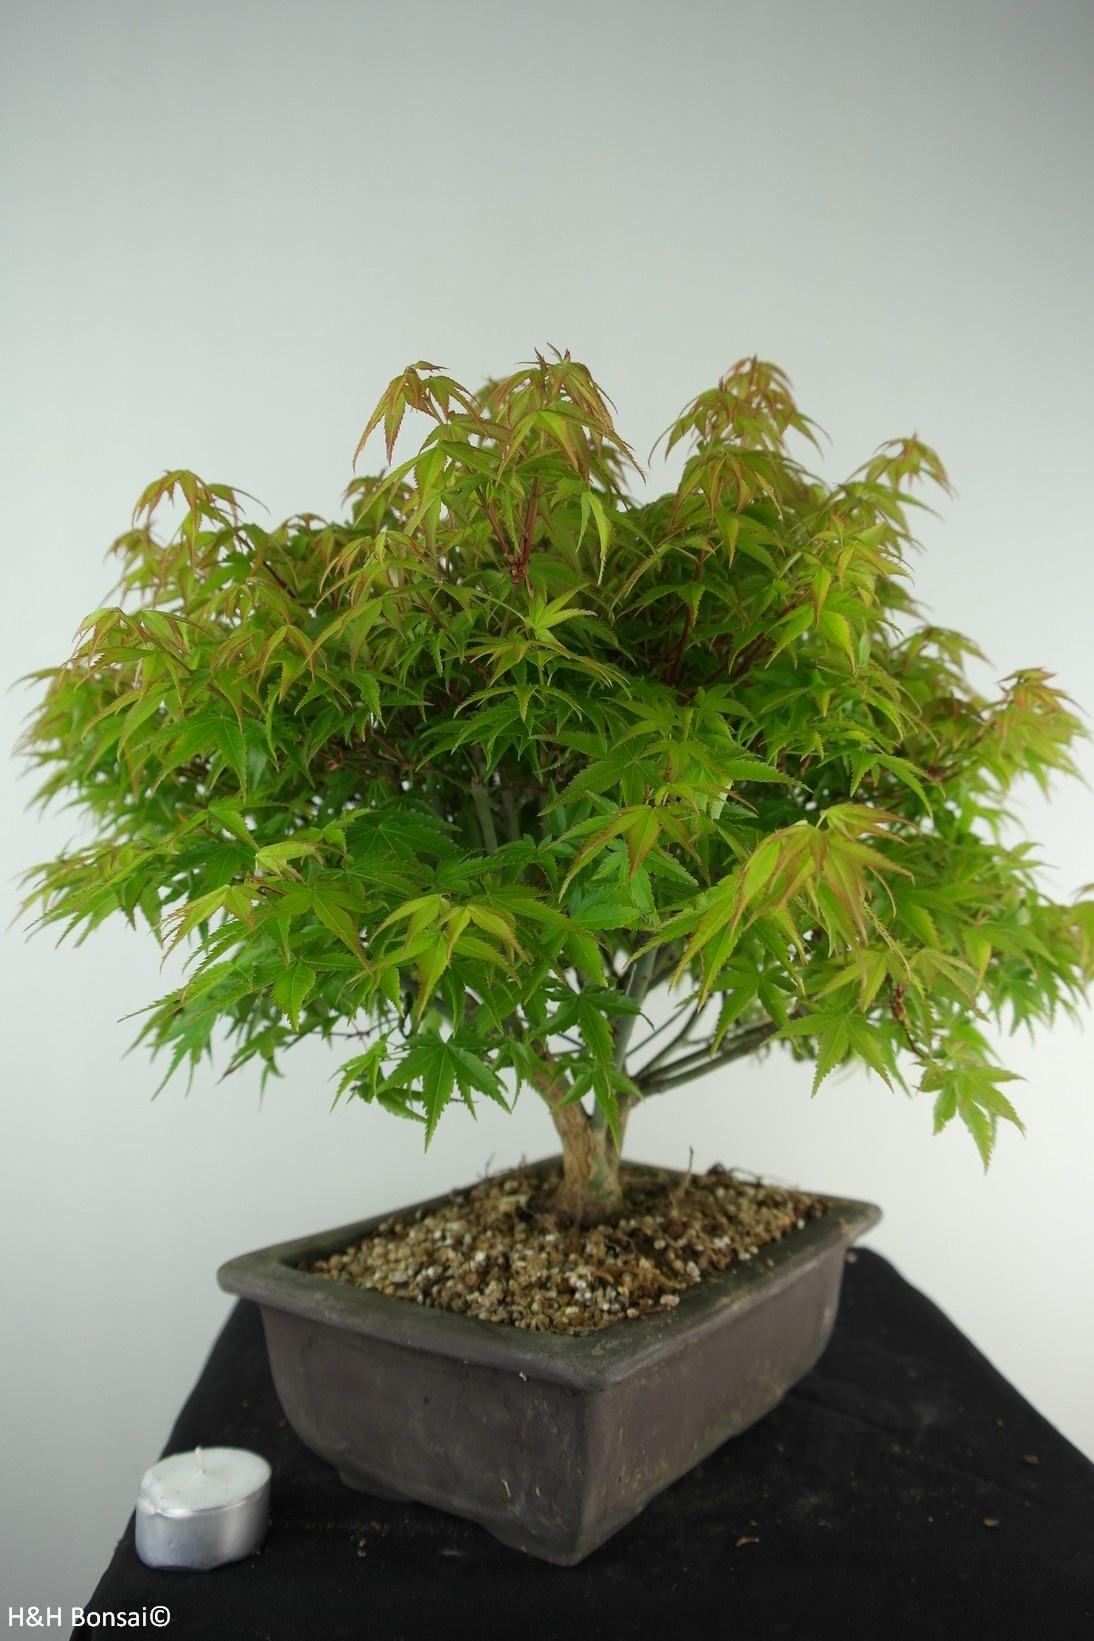 Bonsai Acer palmatum kiyohime, Japanse esdoorn, nr. 7533